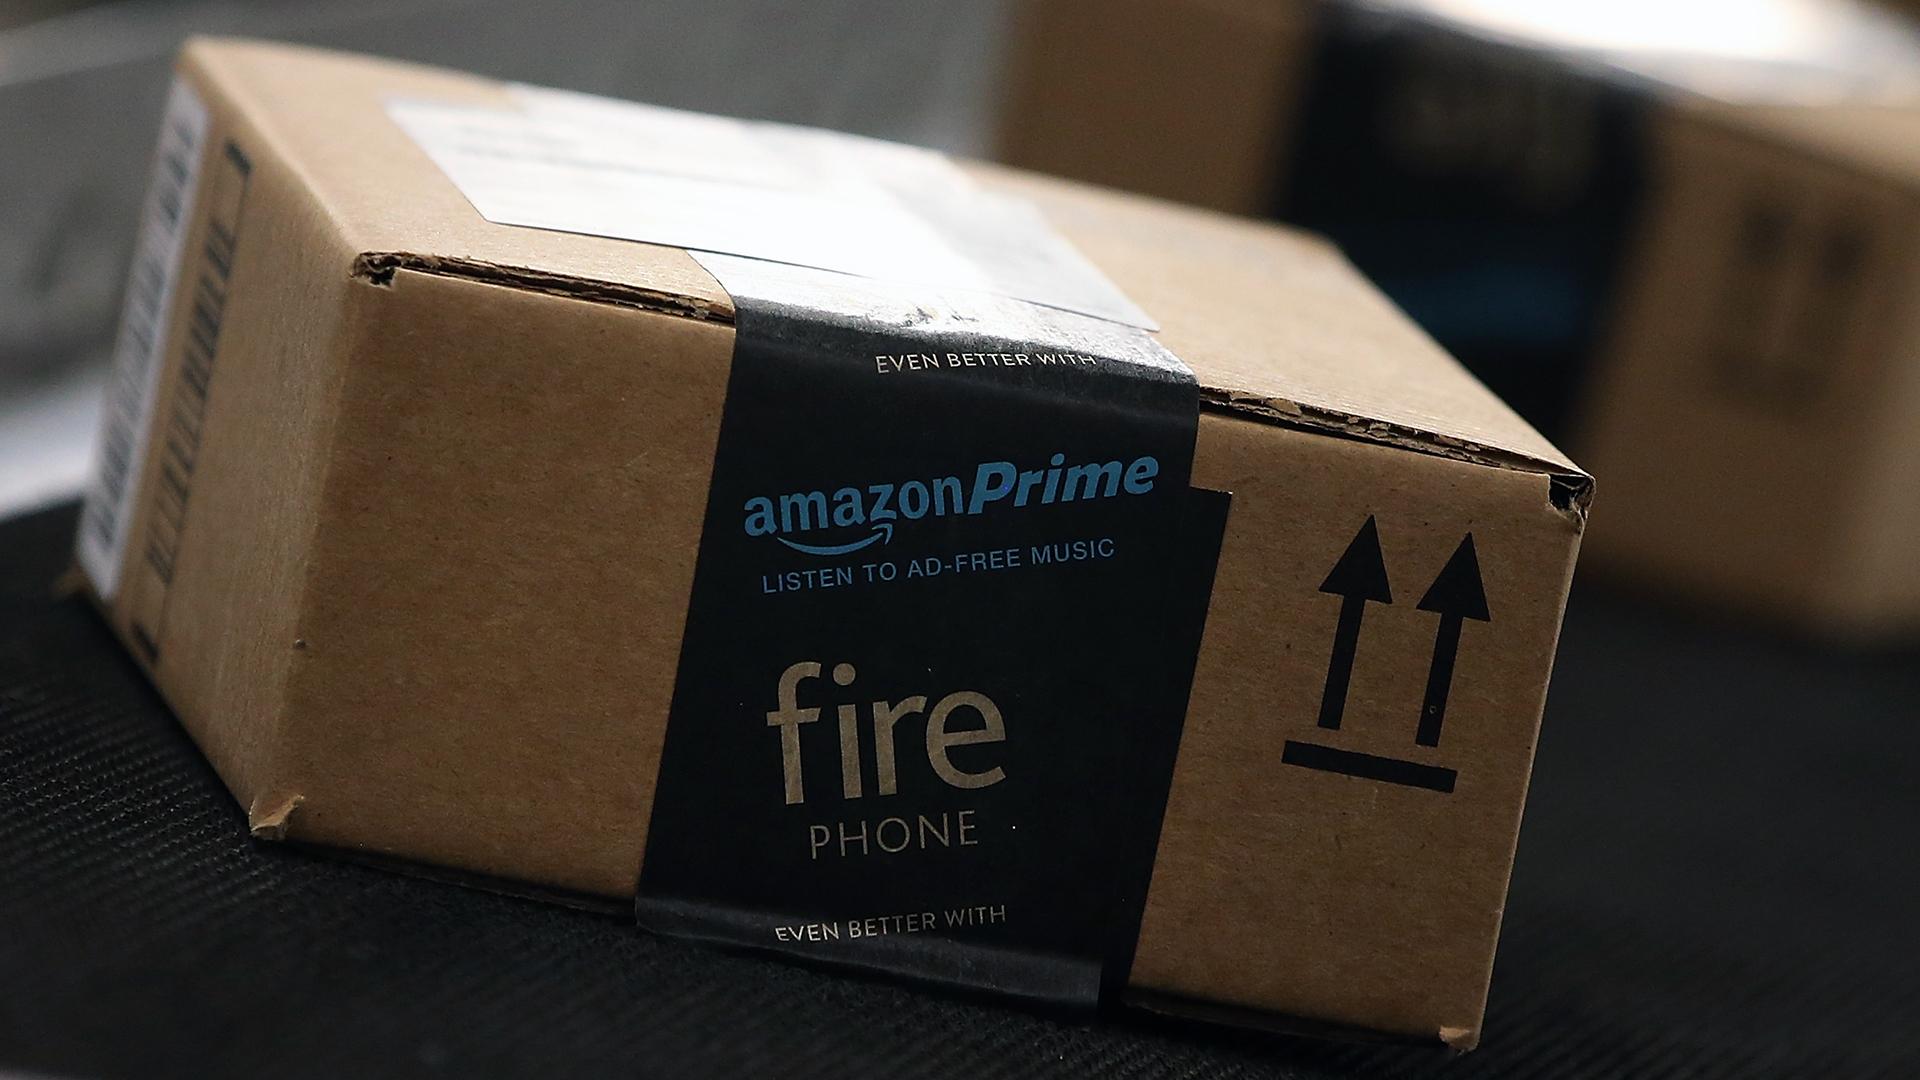 Amazon Prime shipping box-159532.jpg14662906